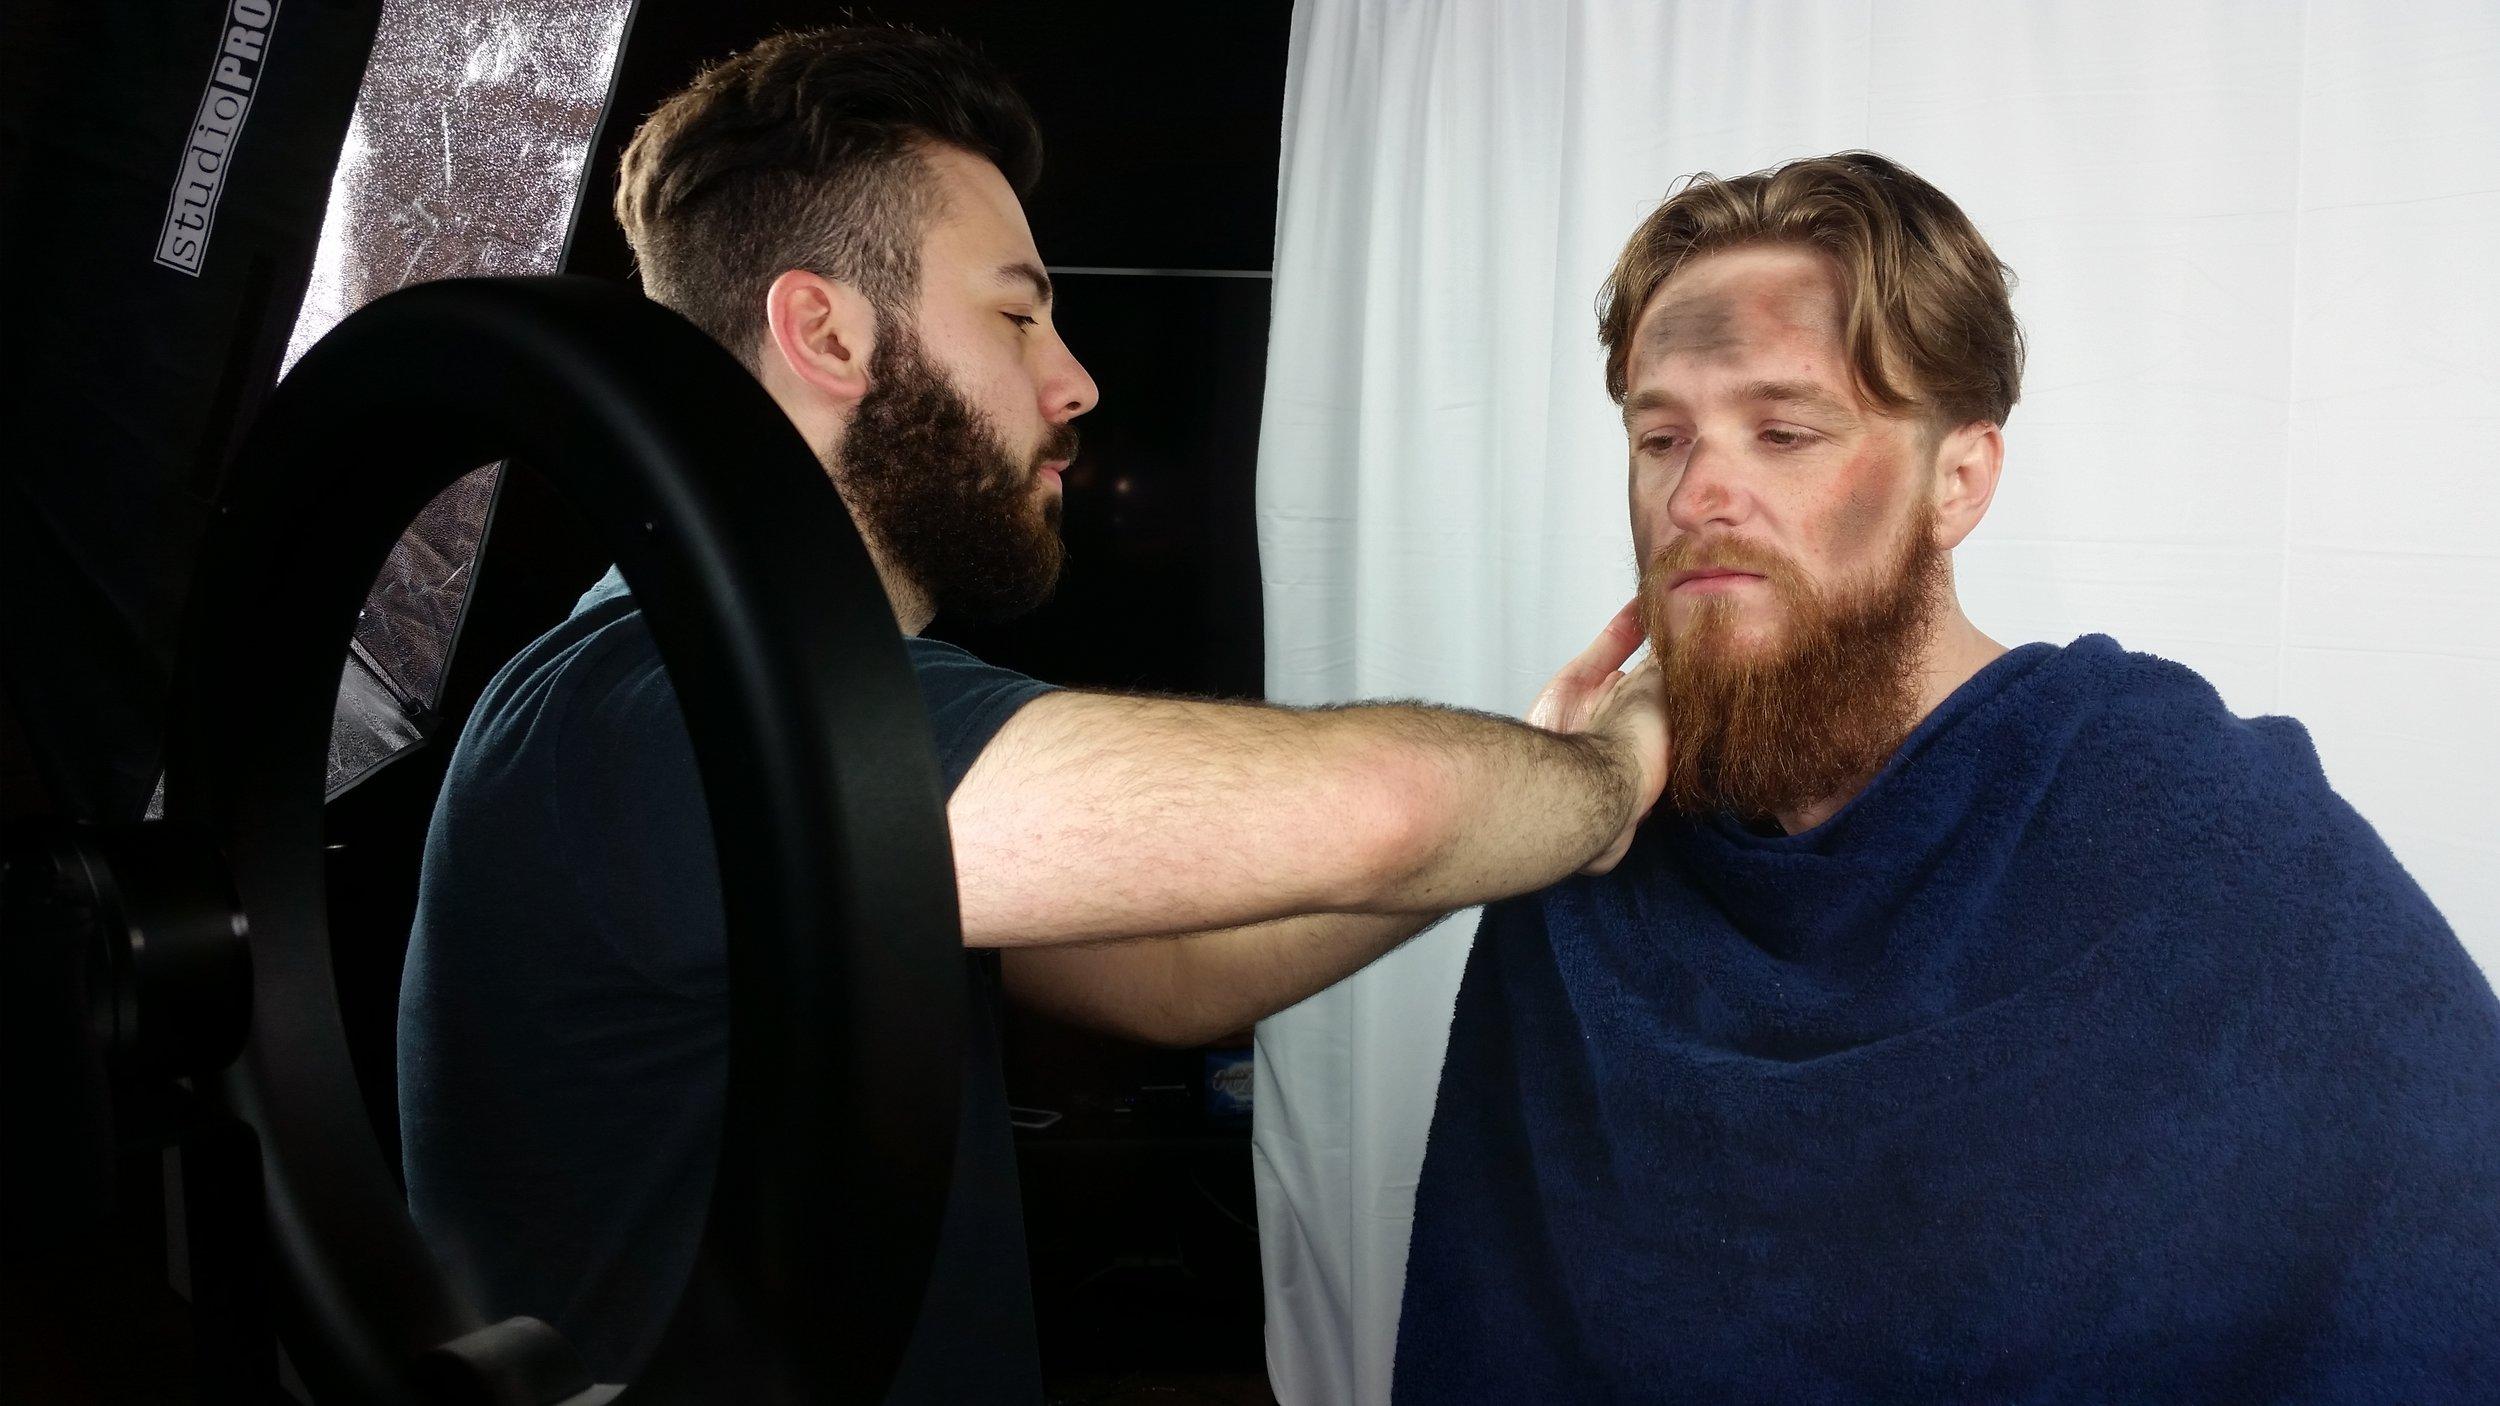 Preparing our model for the Bearded Brethren shoot.